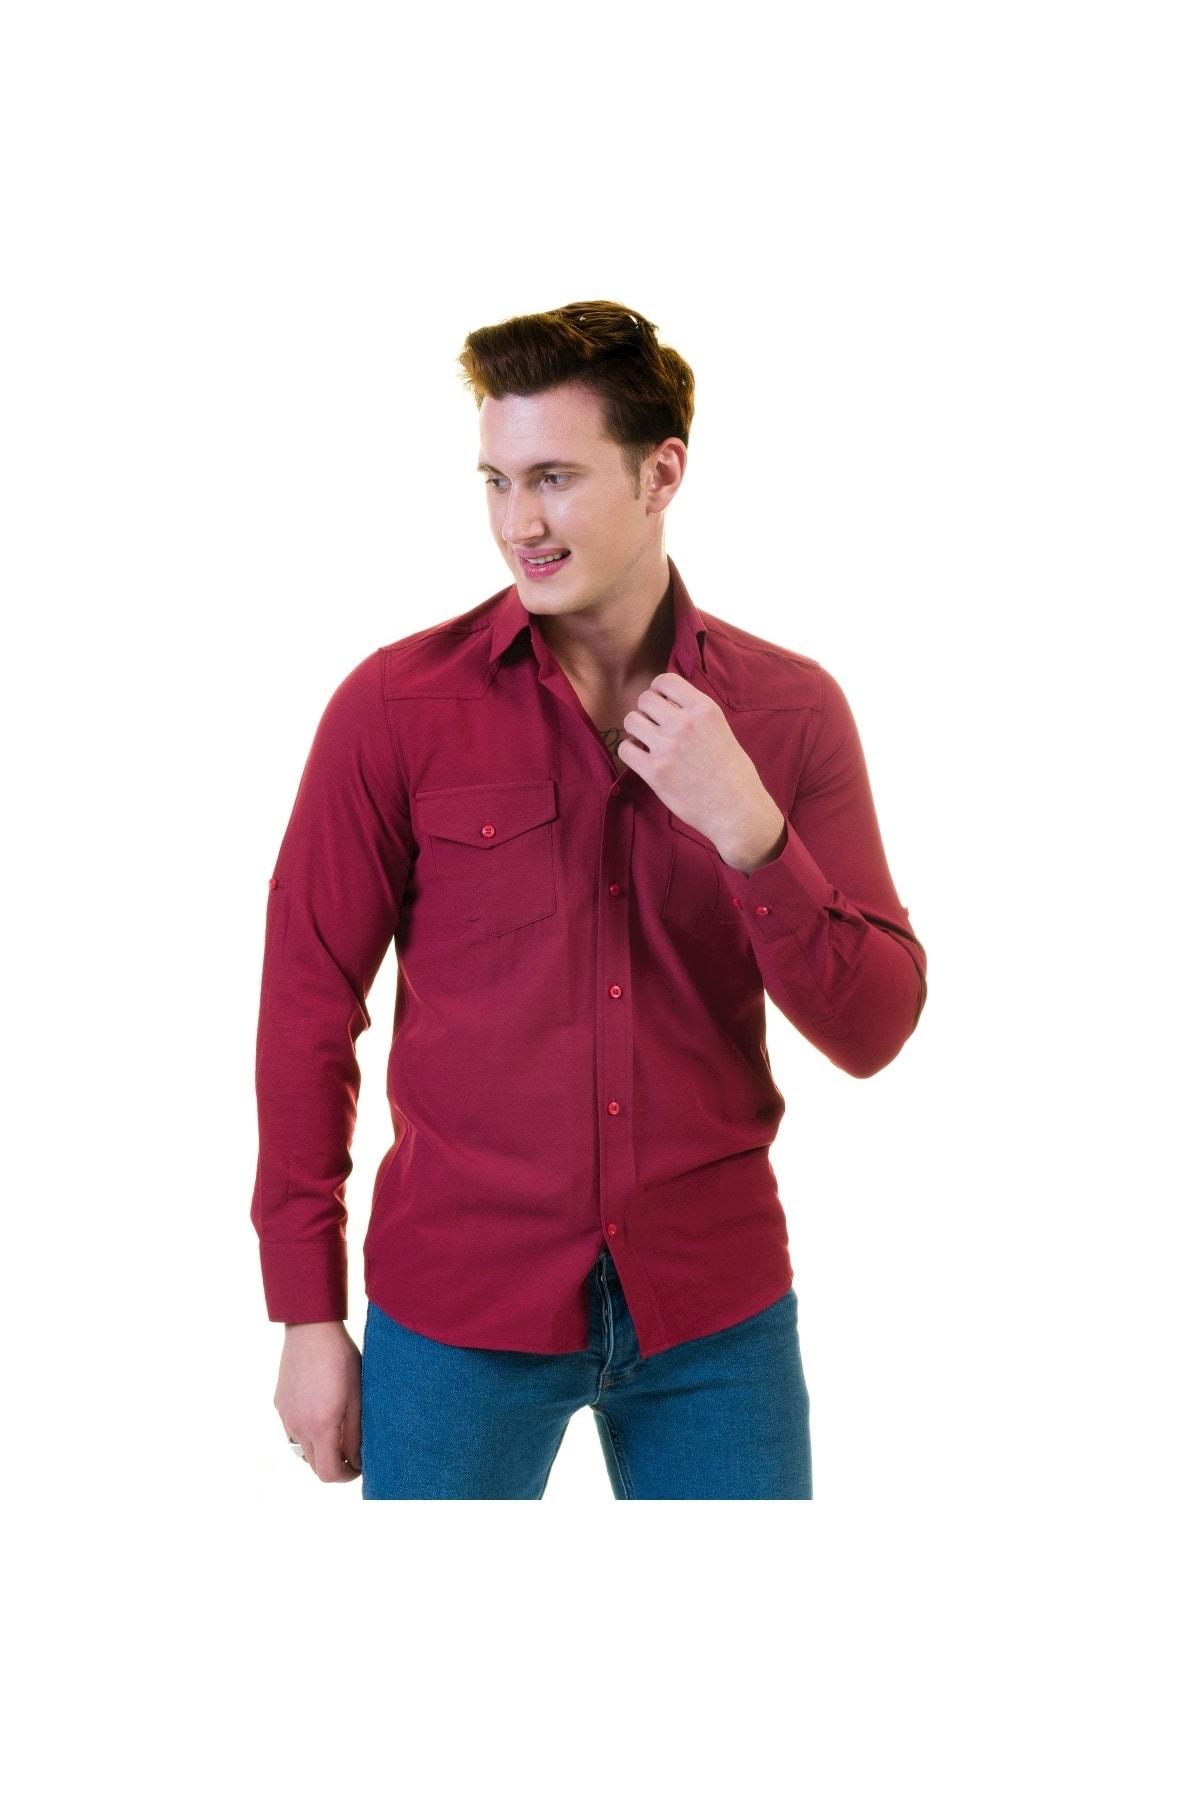 Exve Exclusive Vişne Çürüğü Özel Yıkamalı Cepli Western Gömlek 2